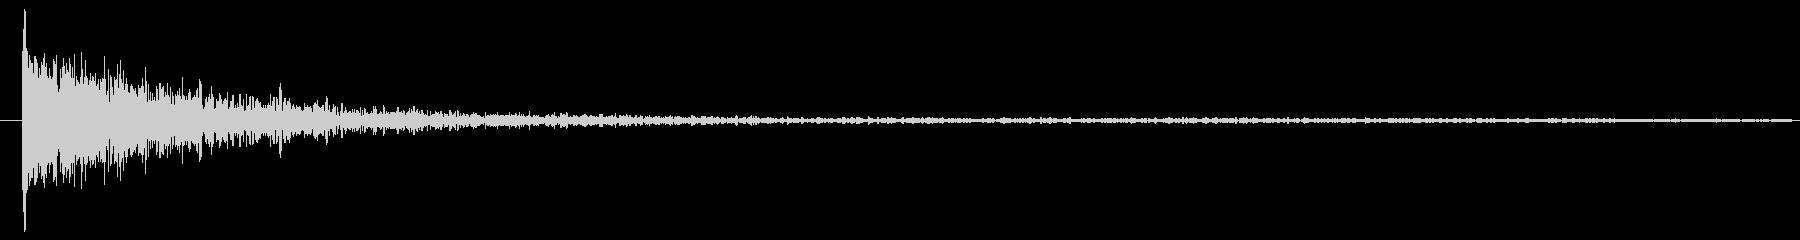 パーカッション サブメタルインパク...の未再生の波形